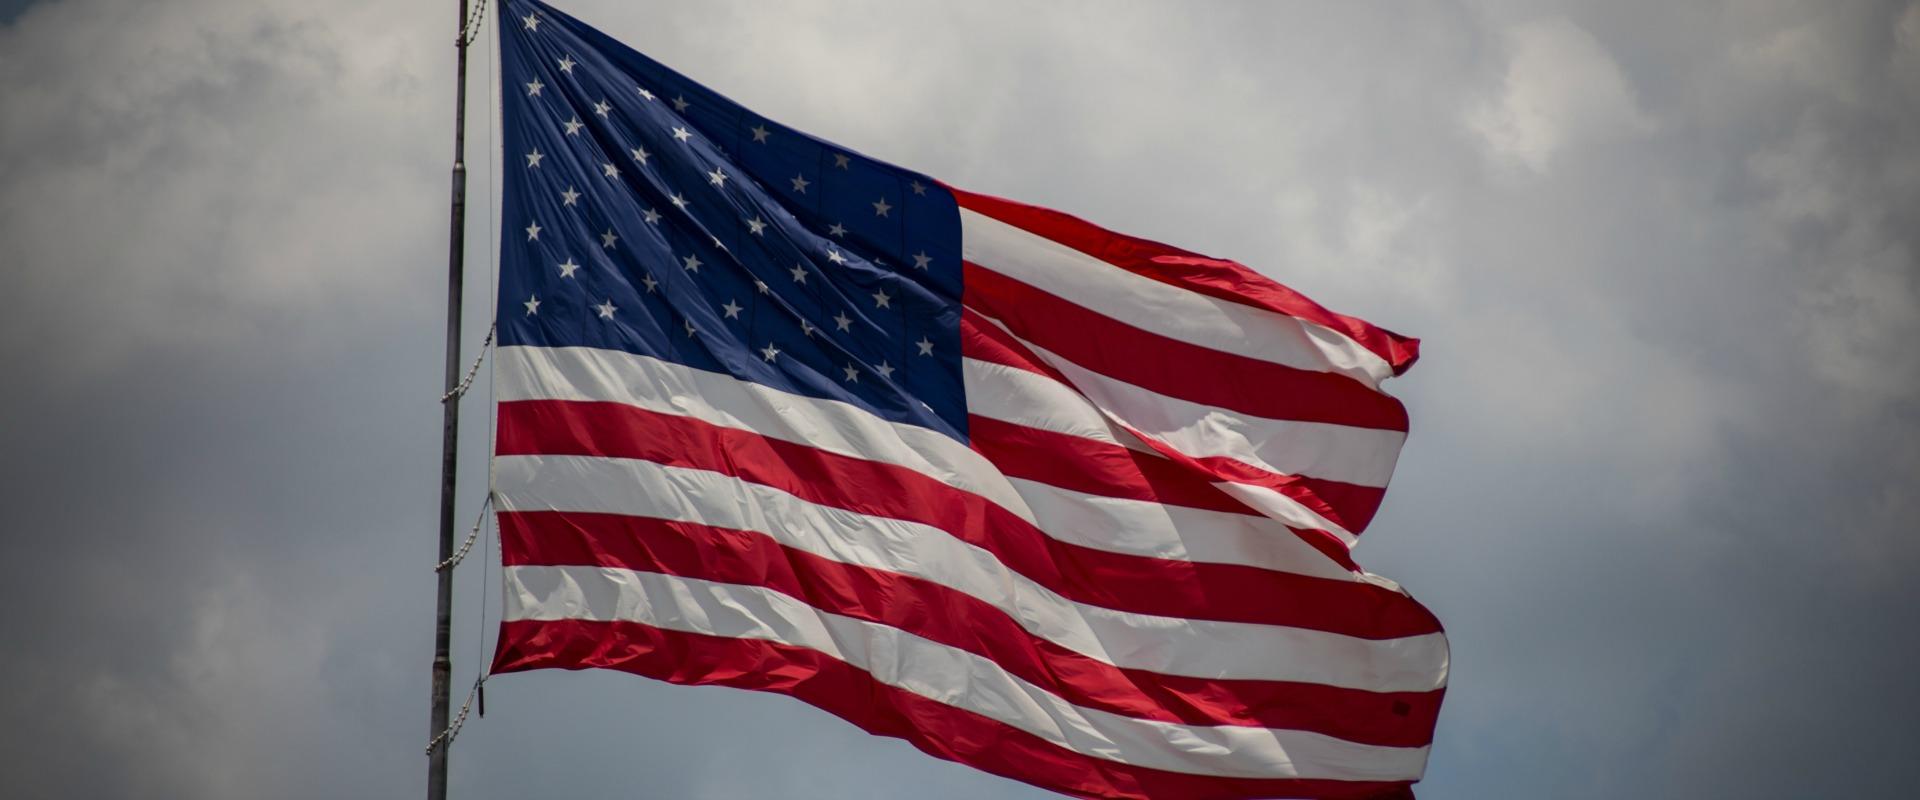 flag_jorge